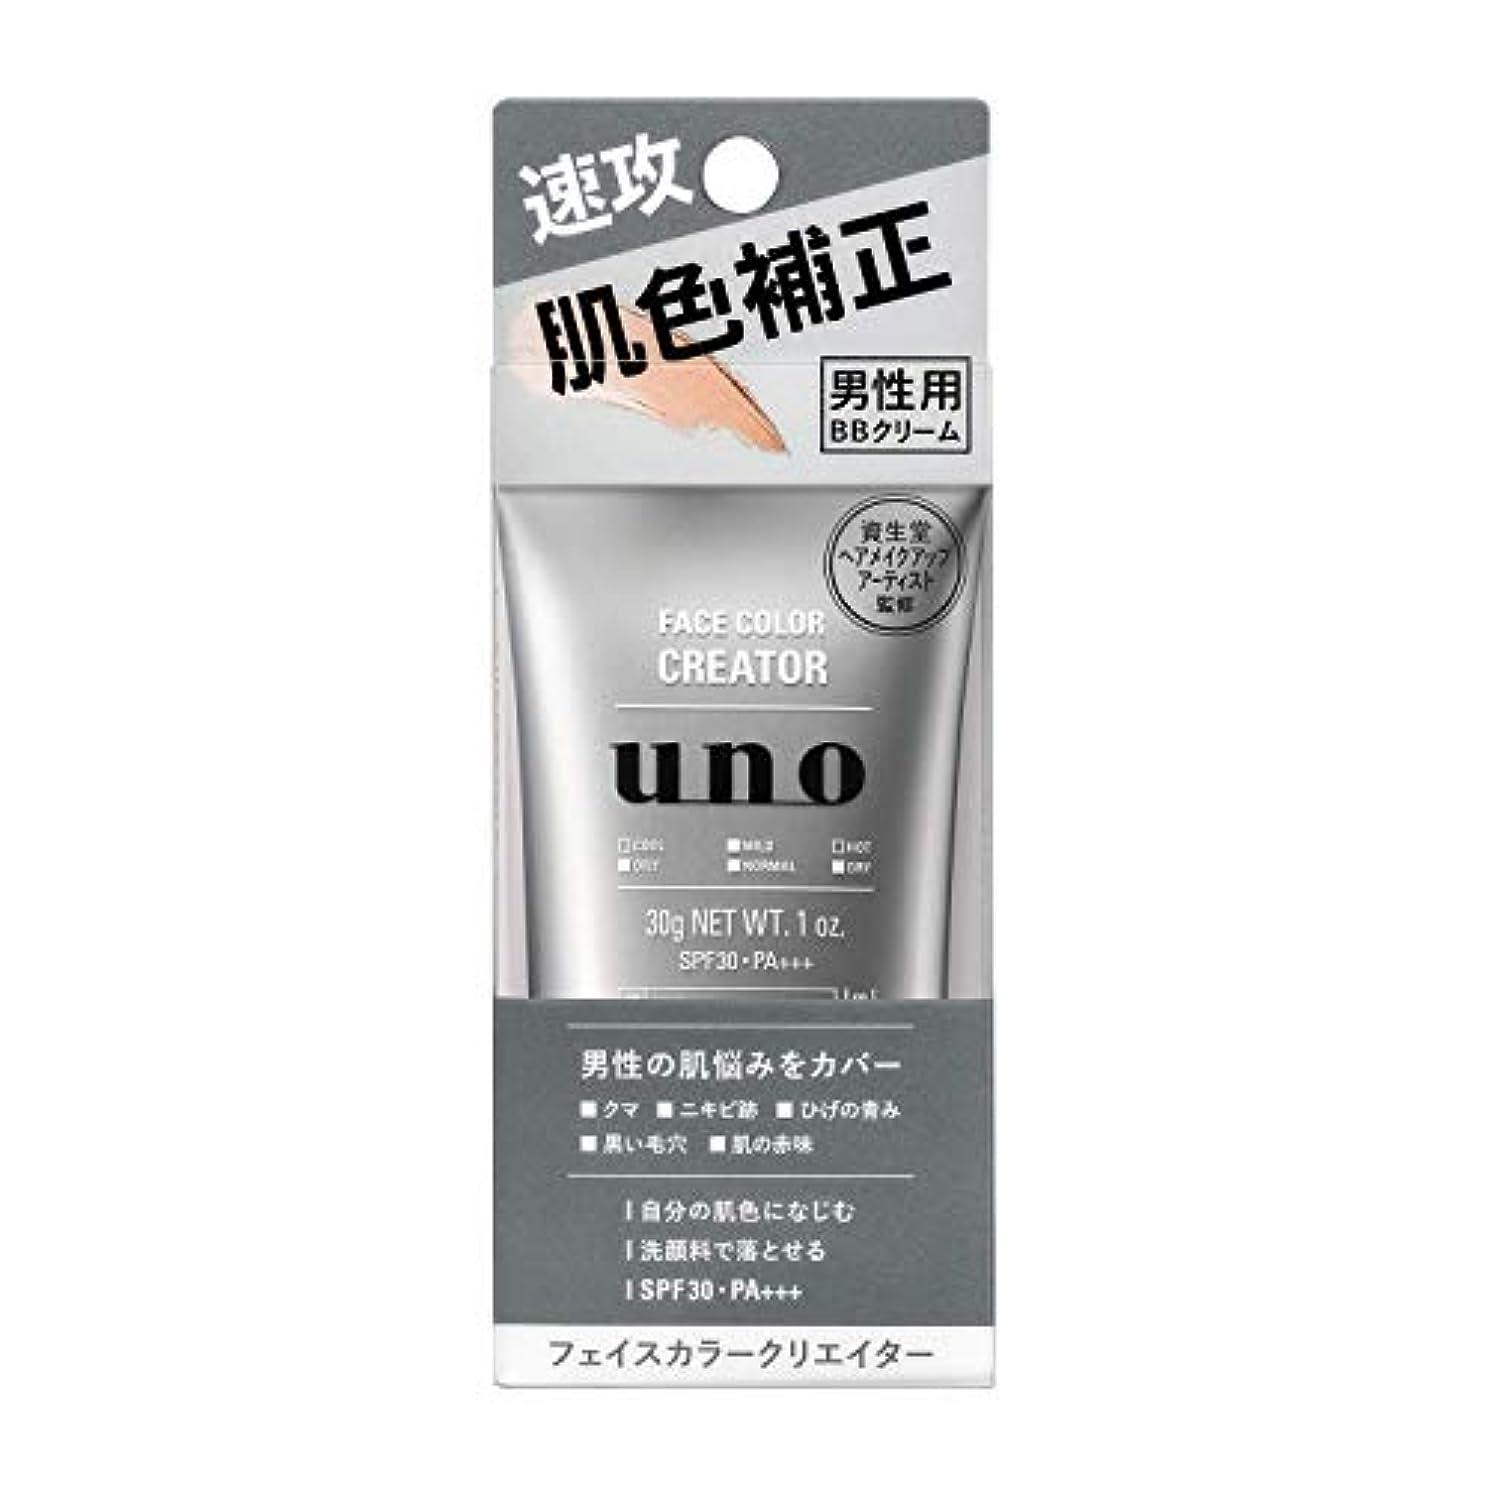 《セット販売》 資生堂 uno ウーノ フェイスカラークリエイター (30g)×4個セット メンズ 男性用 BBクリーム SPF30 PA+++